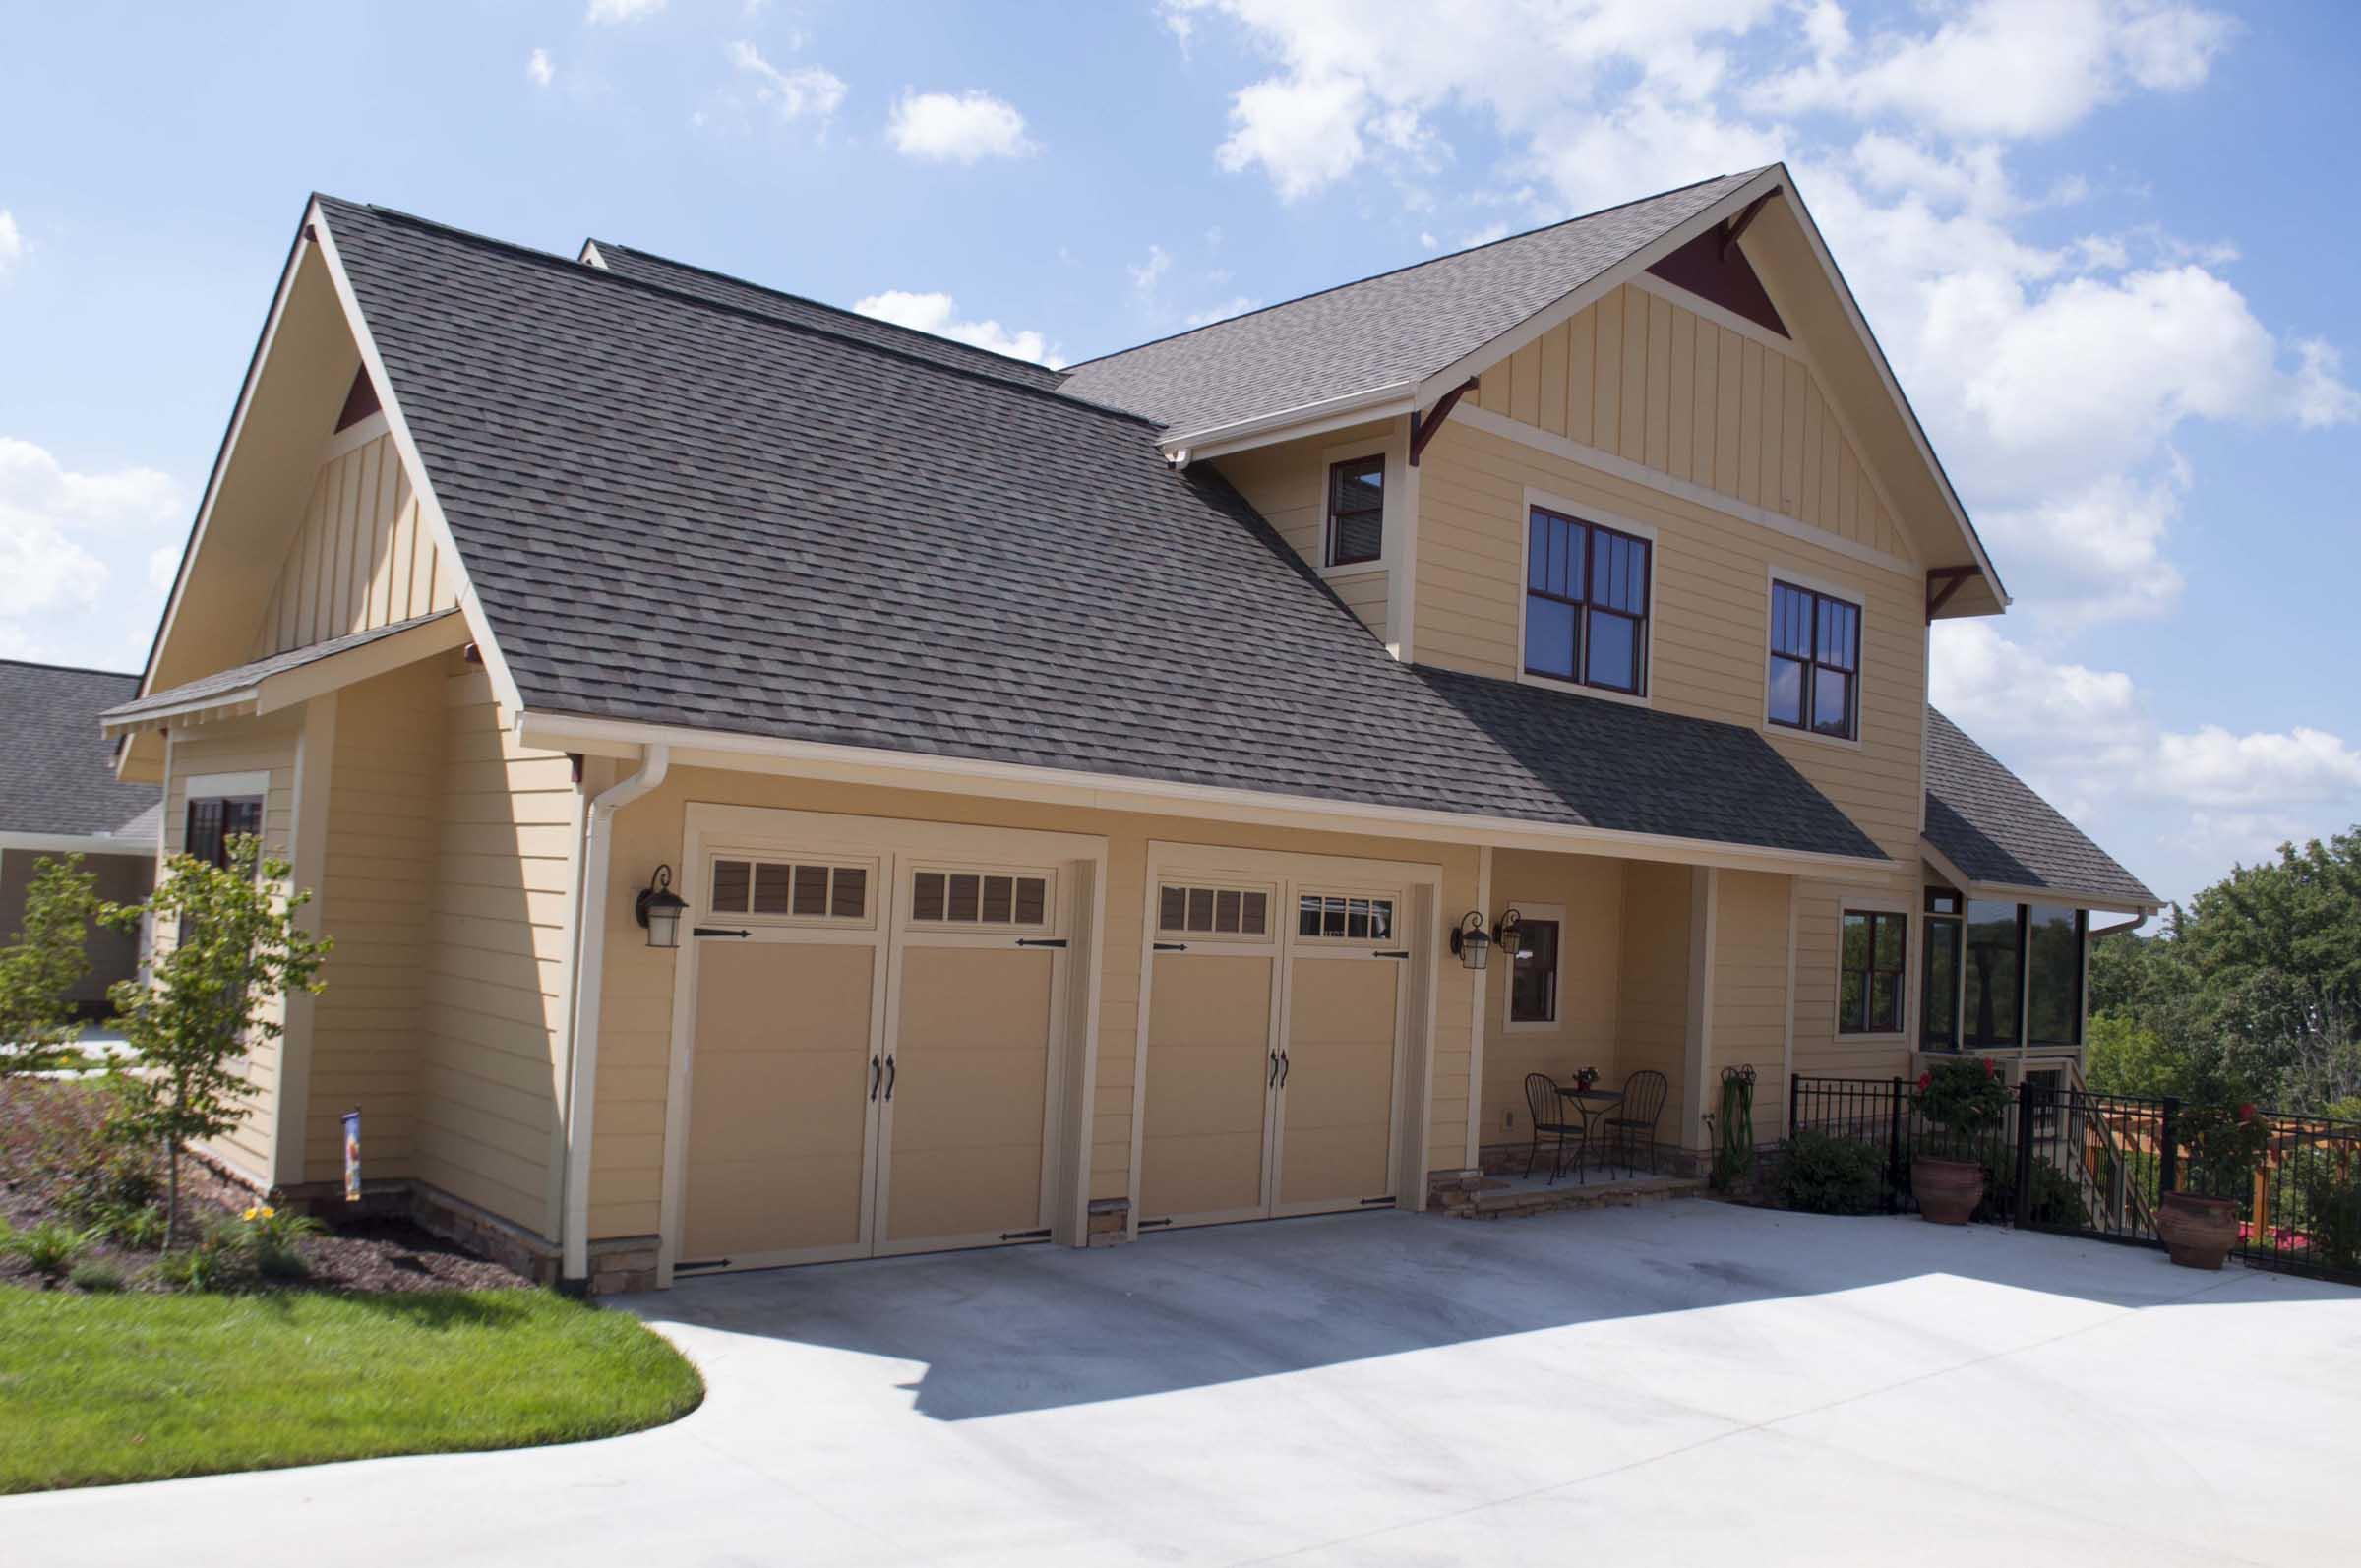 Knoxville Residential Garage Door Projects Overhead Door Company